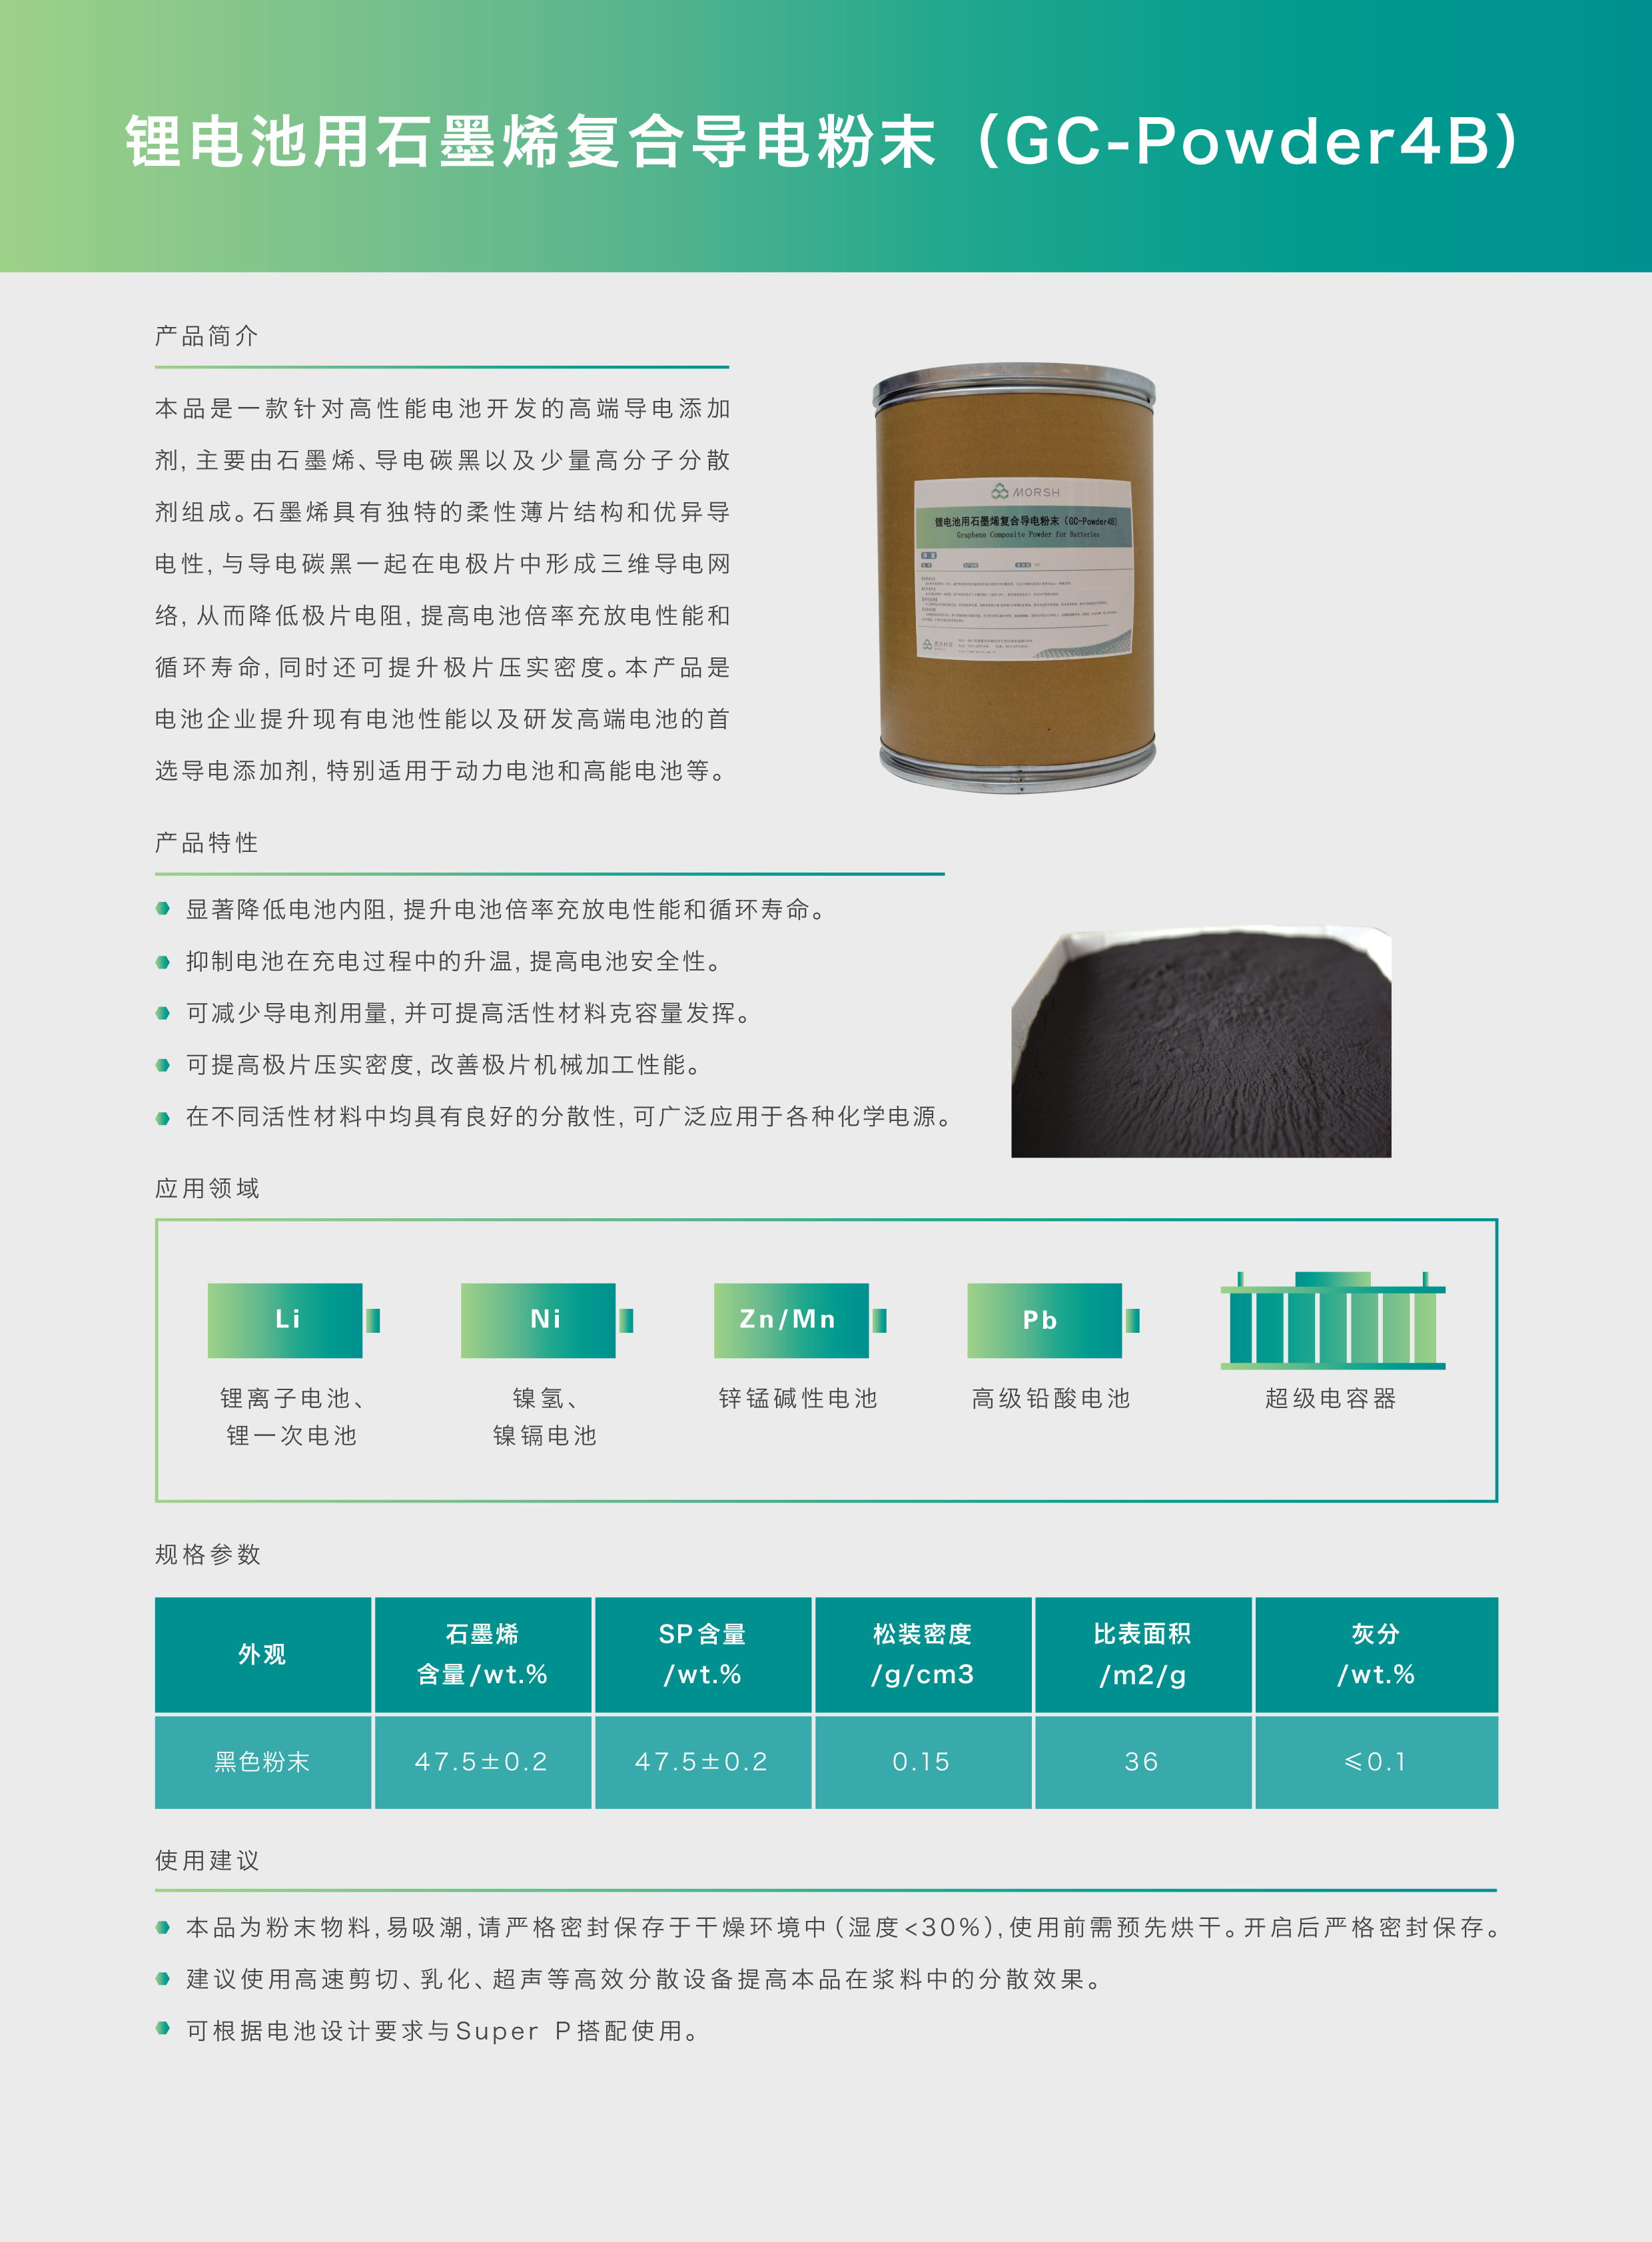 锂电池用石墨烯复合导电粉末(gc-powder4b)